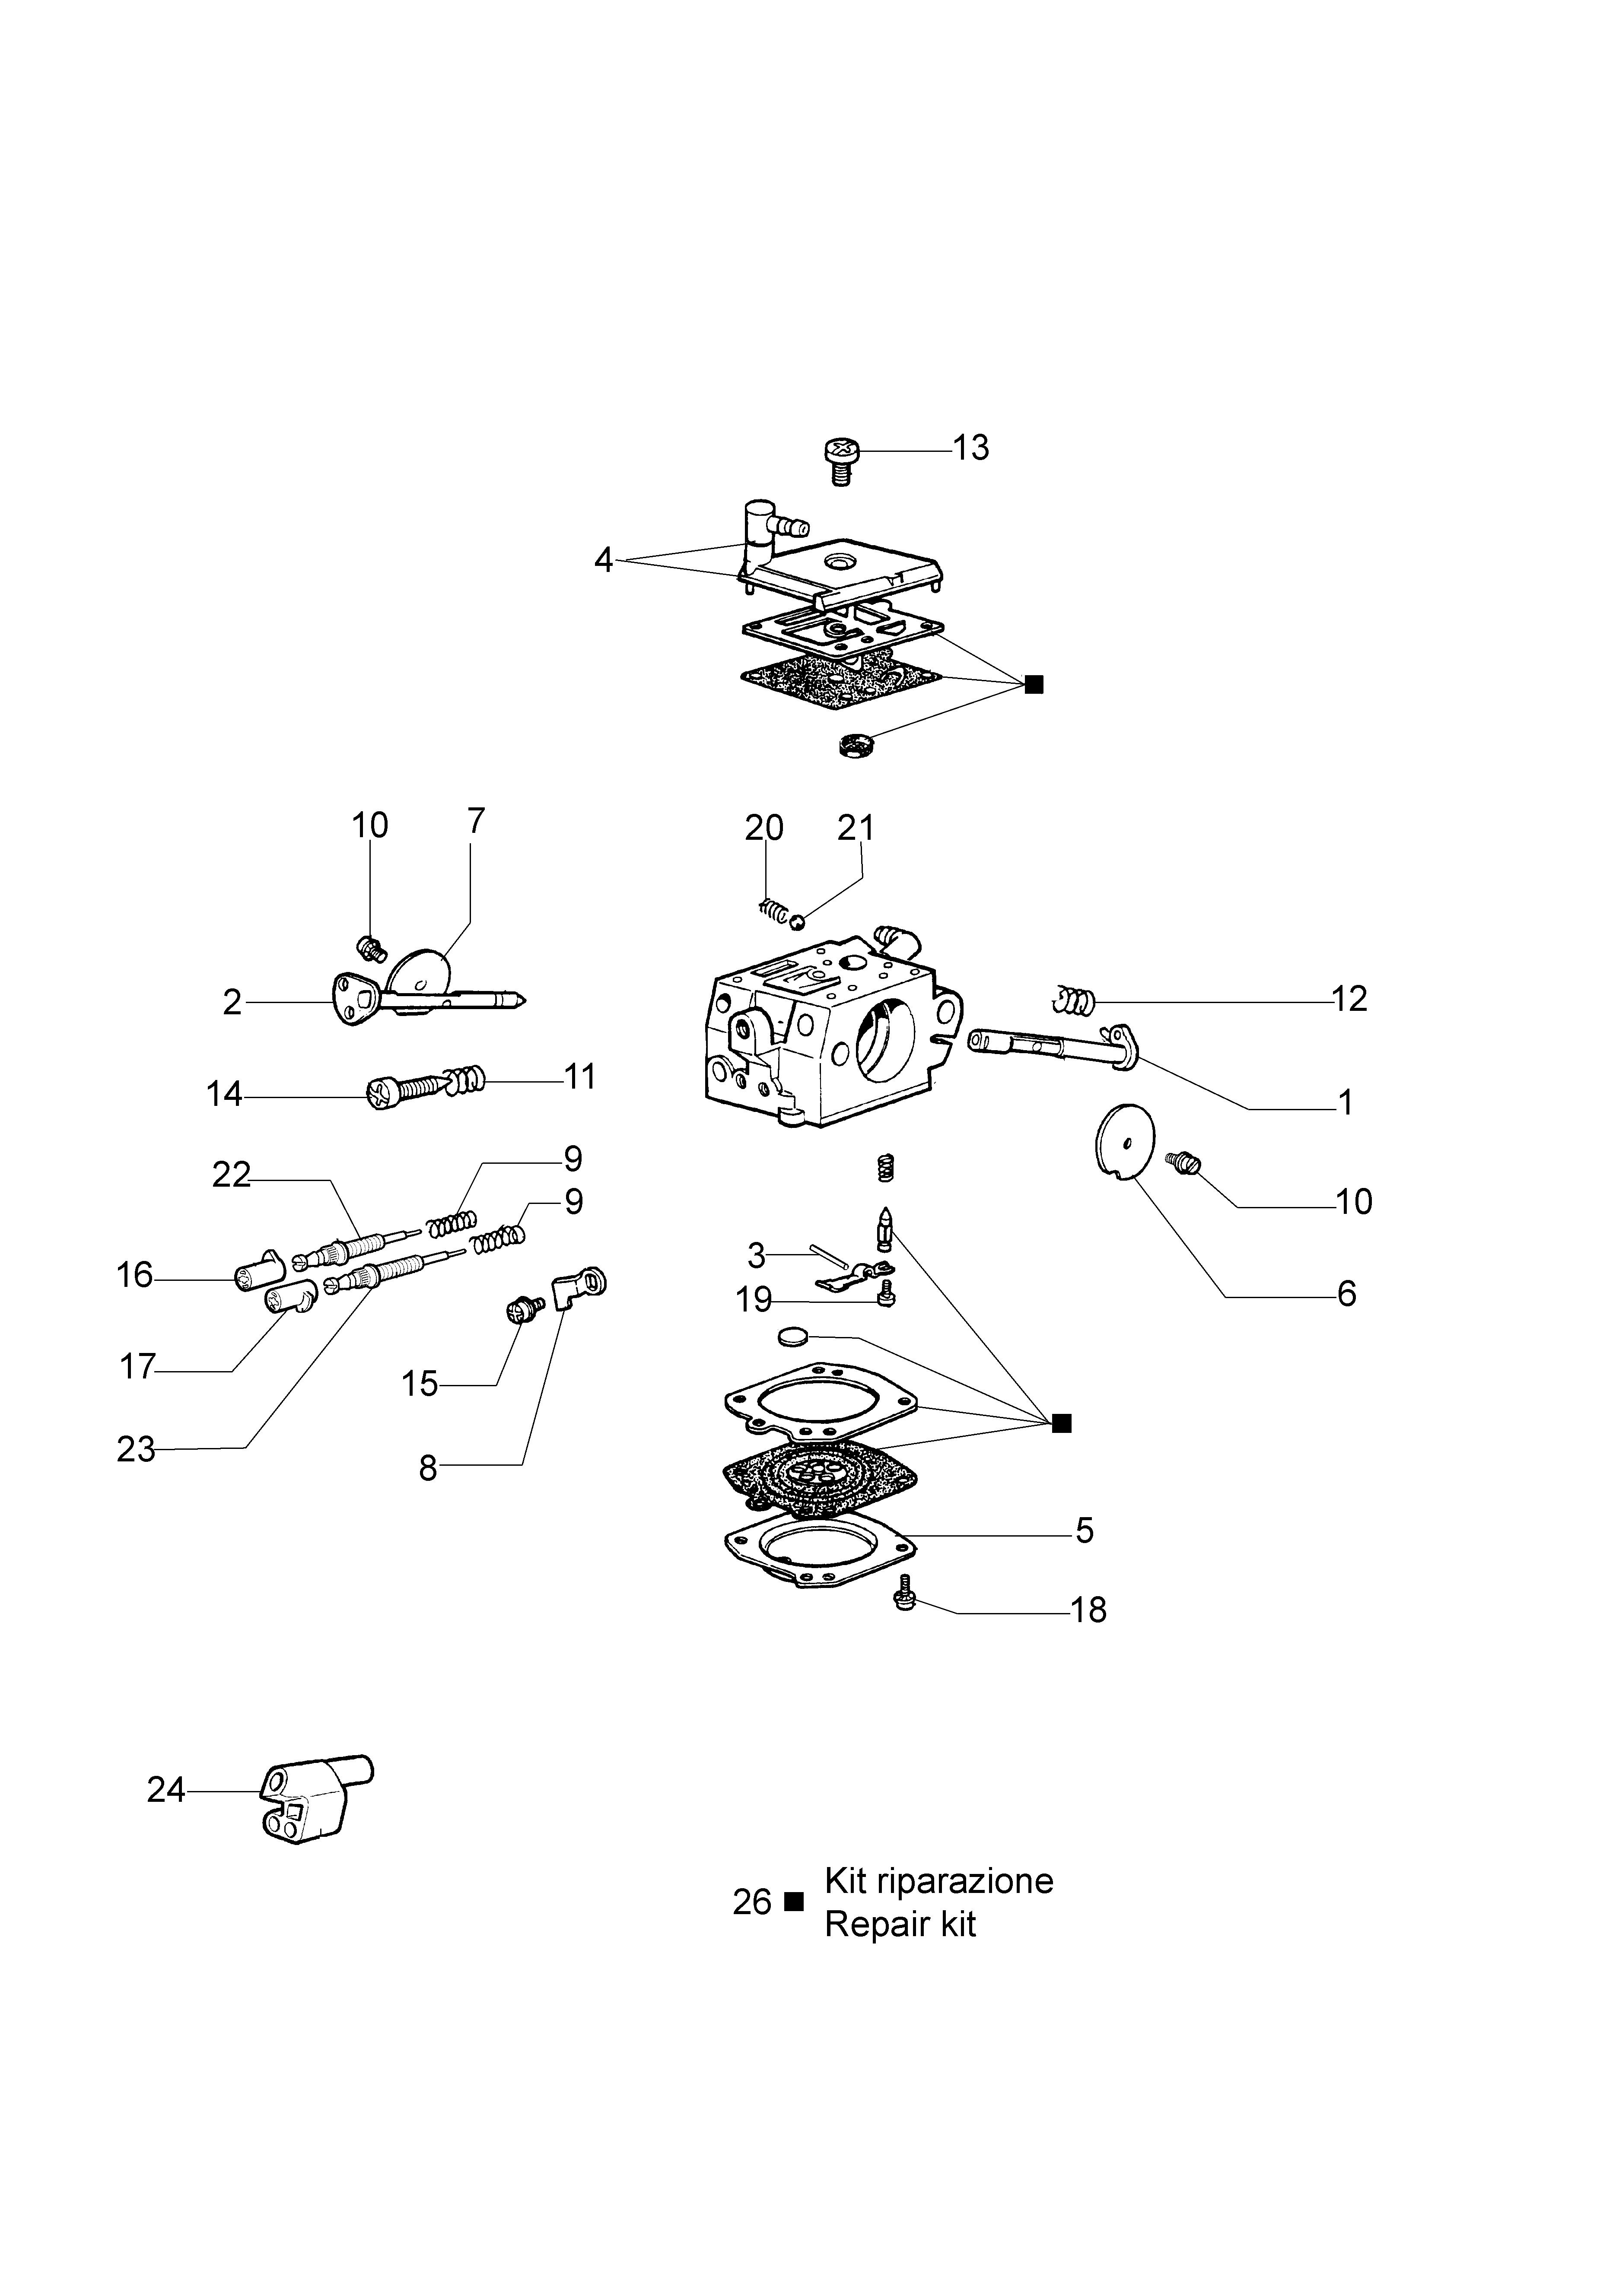 962 Tronçonneuse oleomac Dessins pièces vue éclatée Carburateur HDA-160C